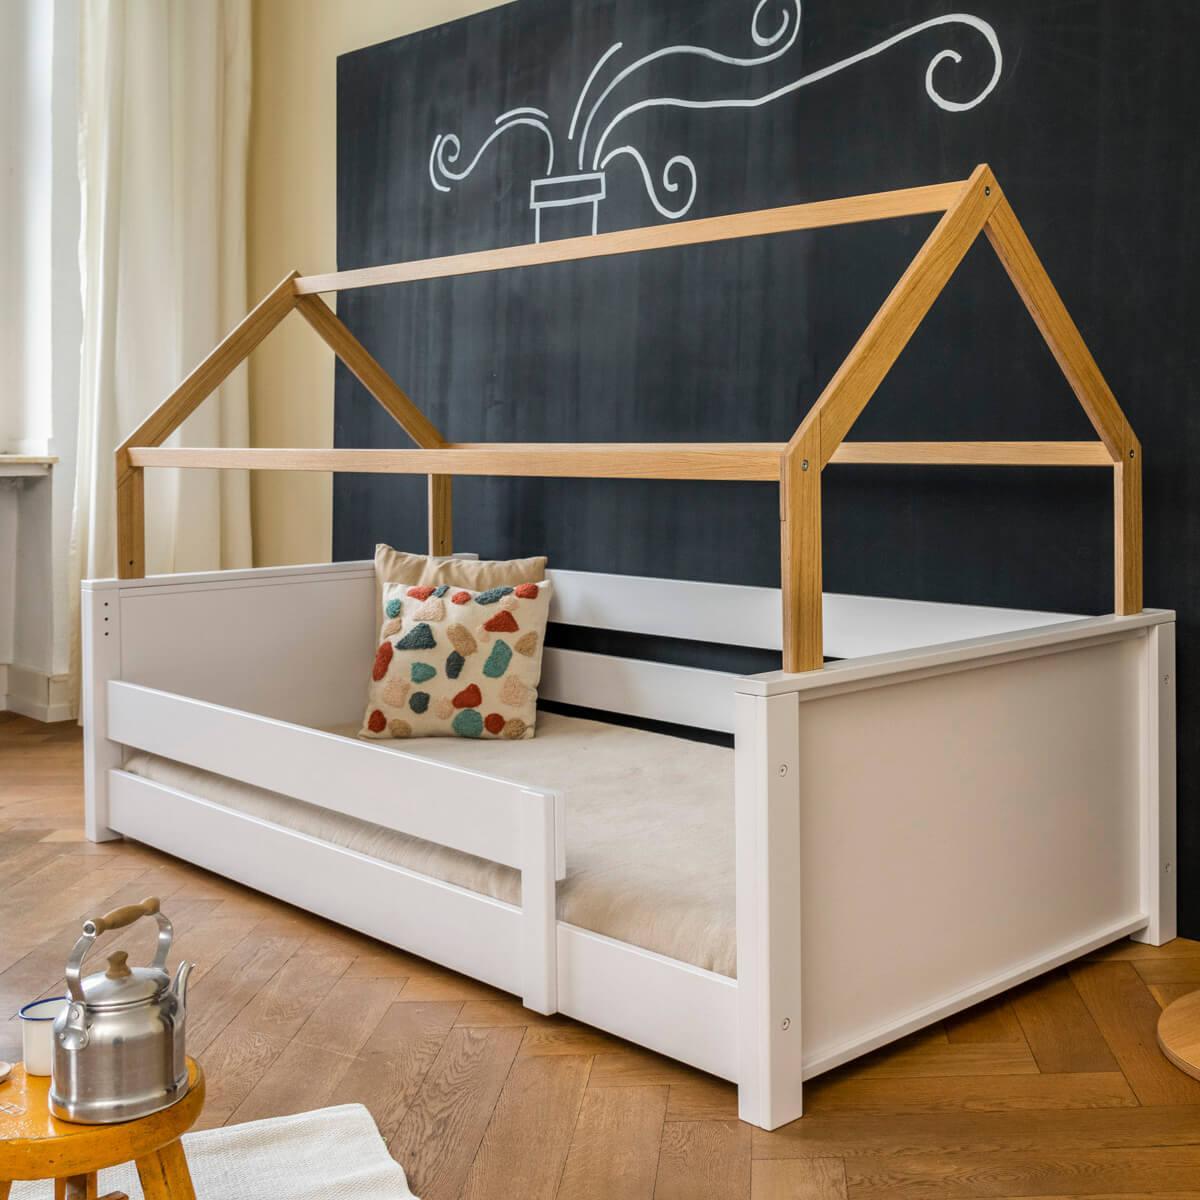 Cama-sofá montessori-protección anticaídas baja-estructura techo KASVA haya lacado blanco-chapa roble aceitado